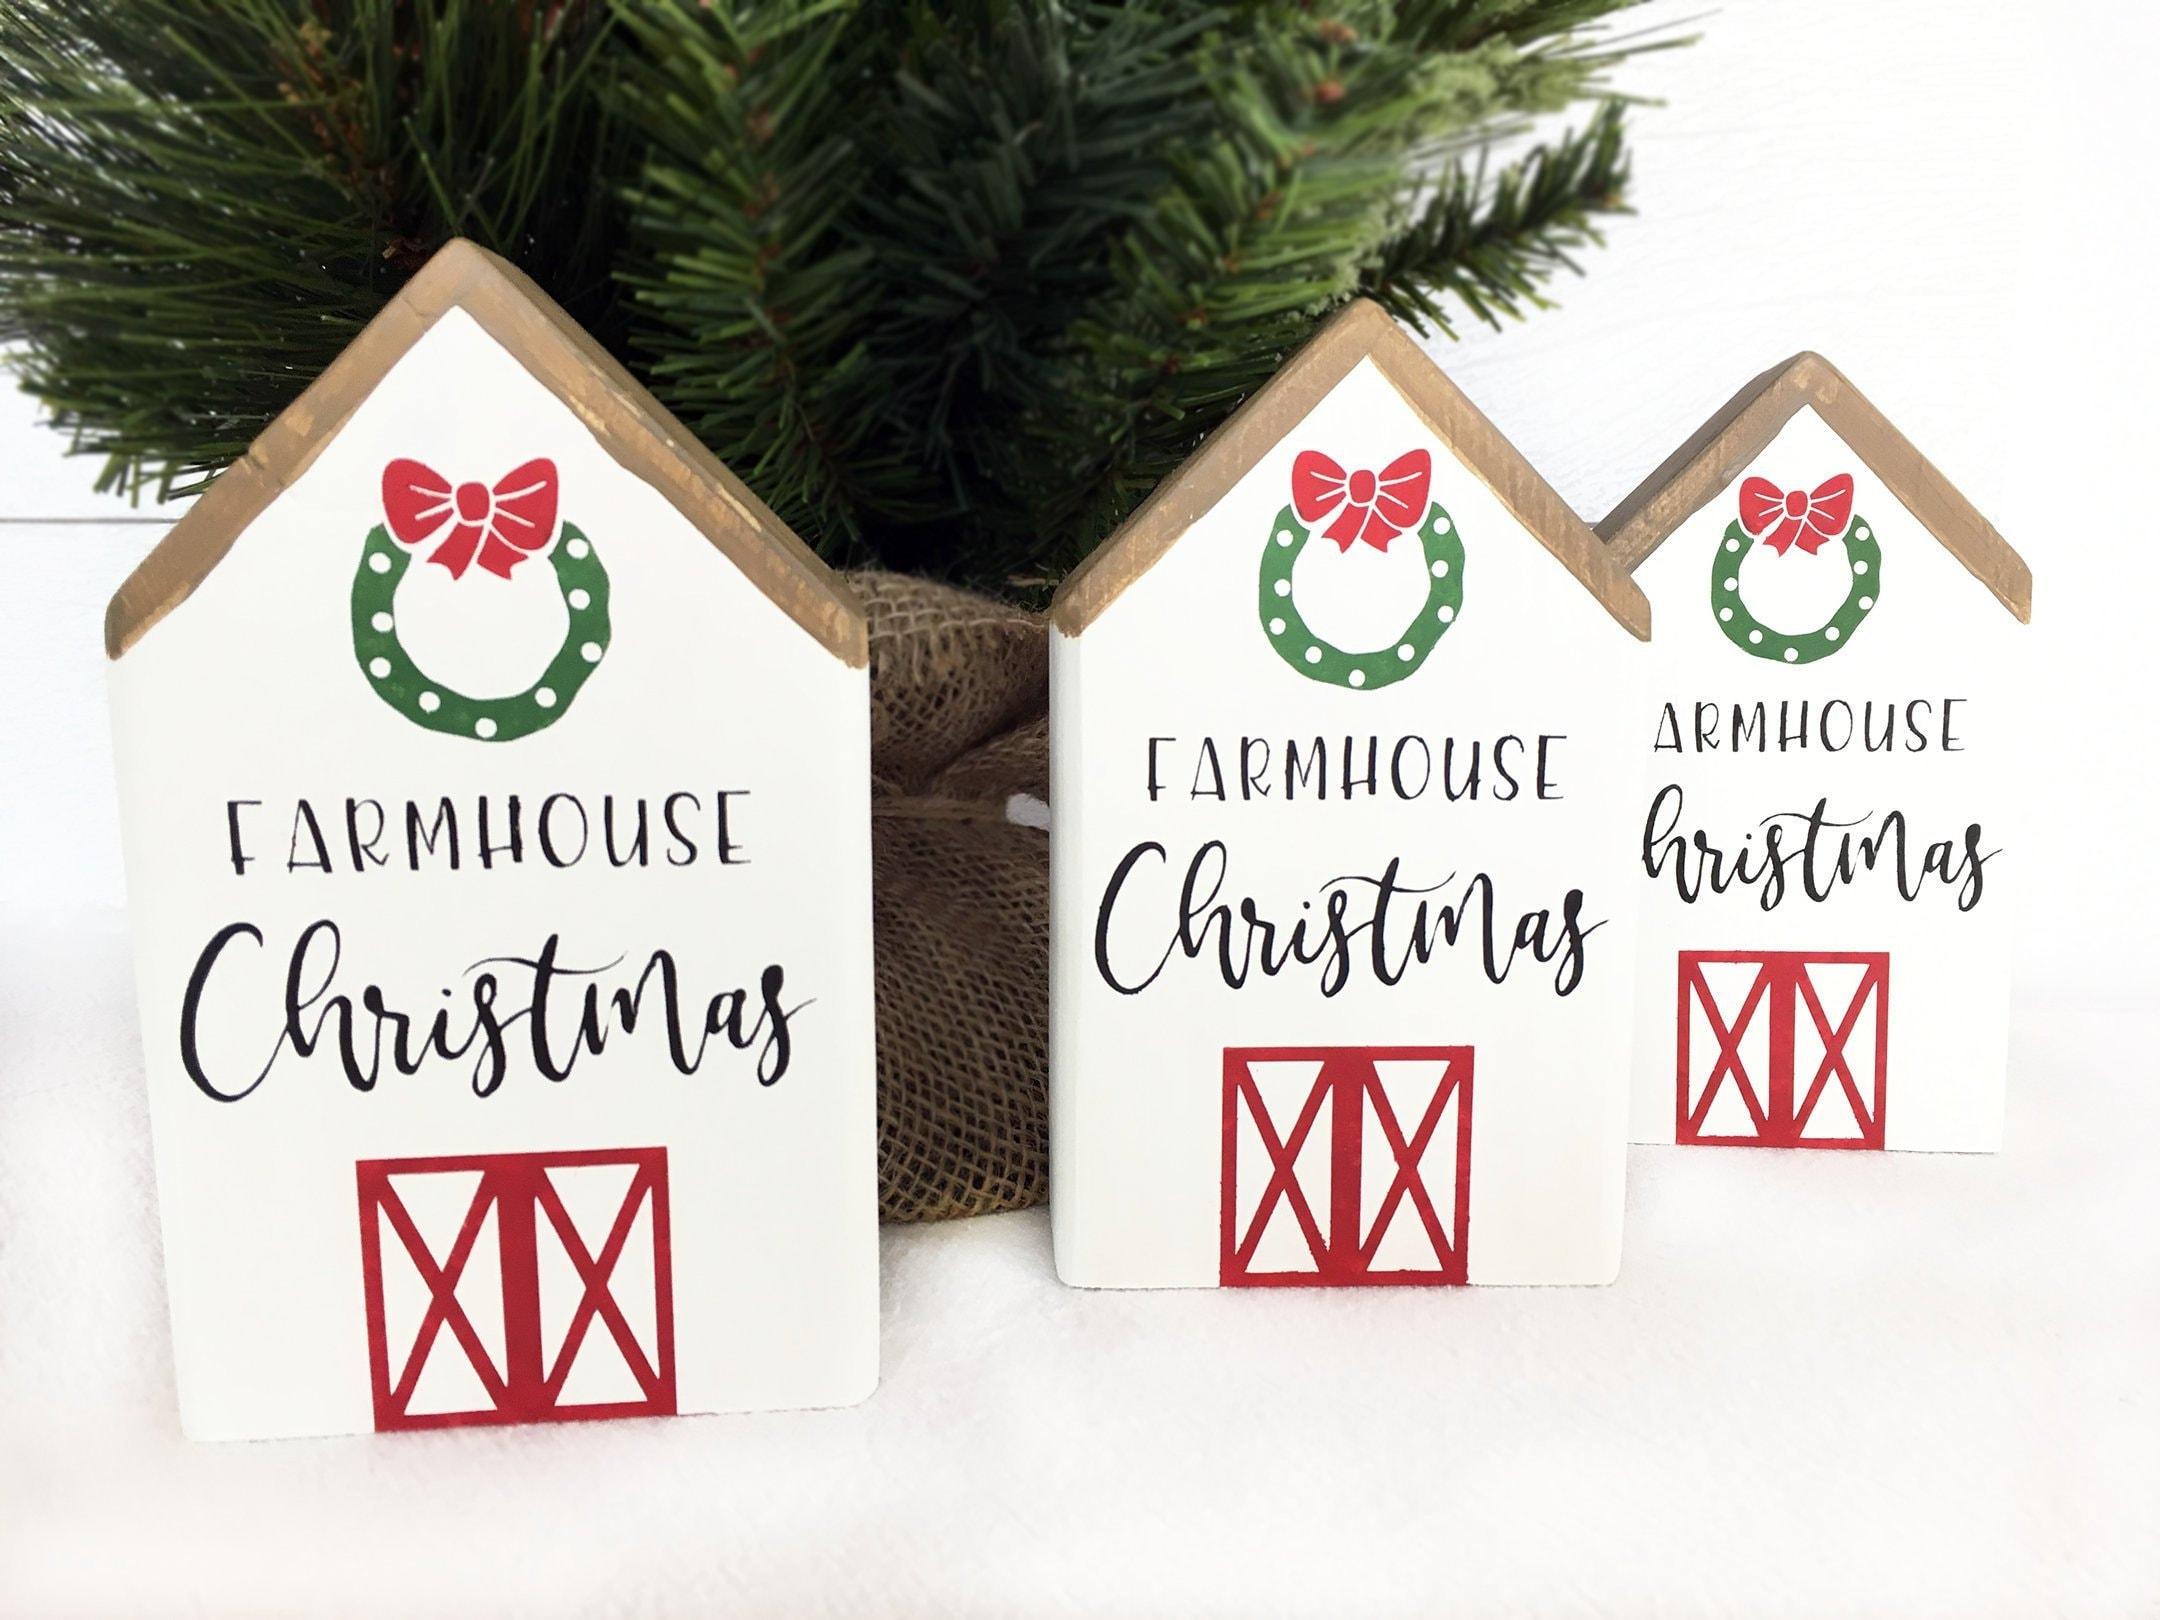 Christmas Wooden House Farmhouse Christmas Ornaments